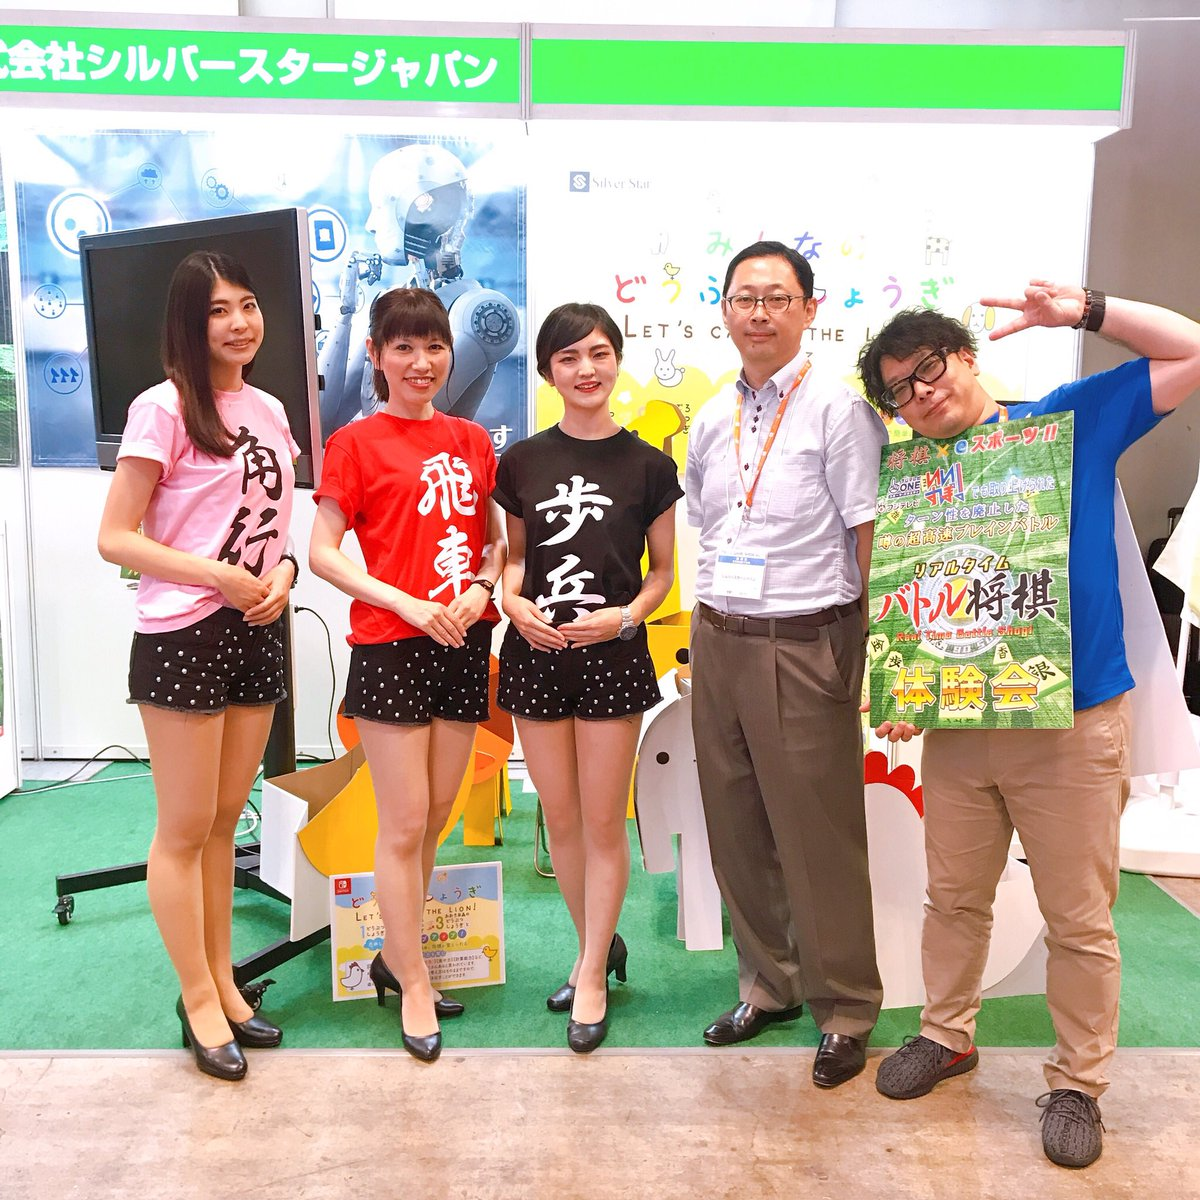 シルバースタージャパン@TGS2019ありがとうございましたさんの投稿画像